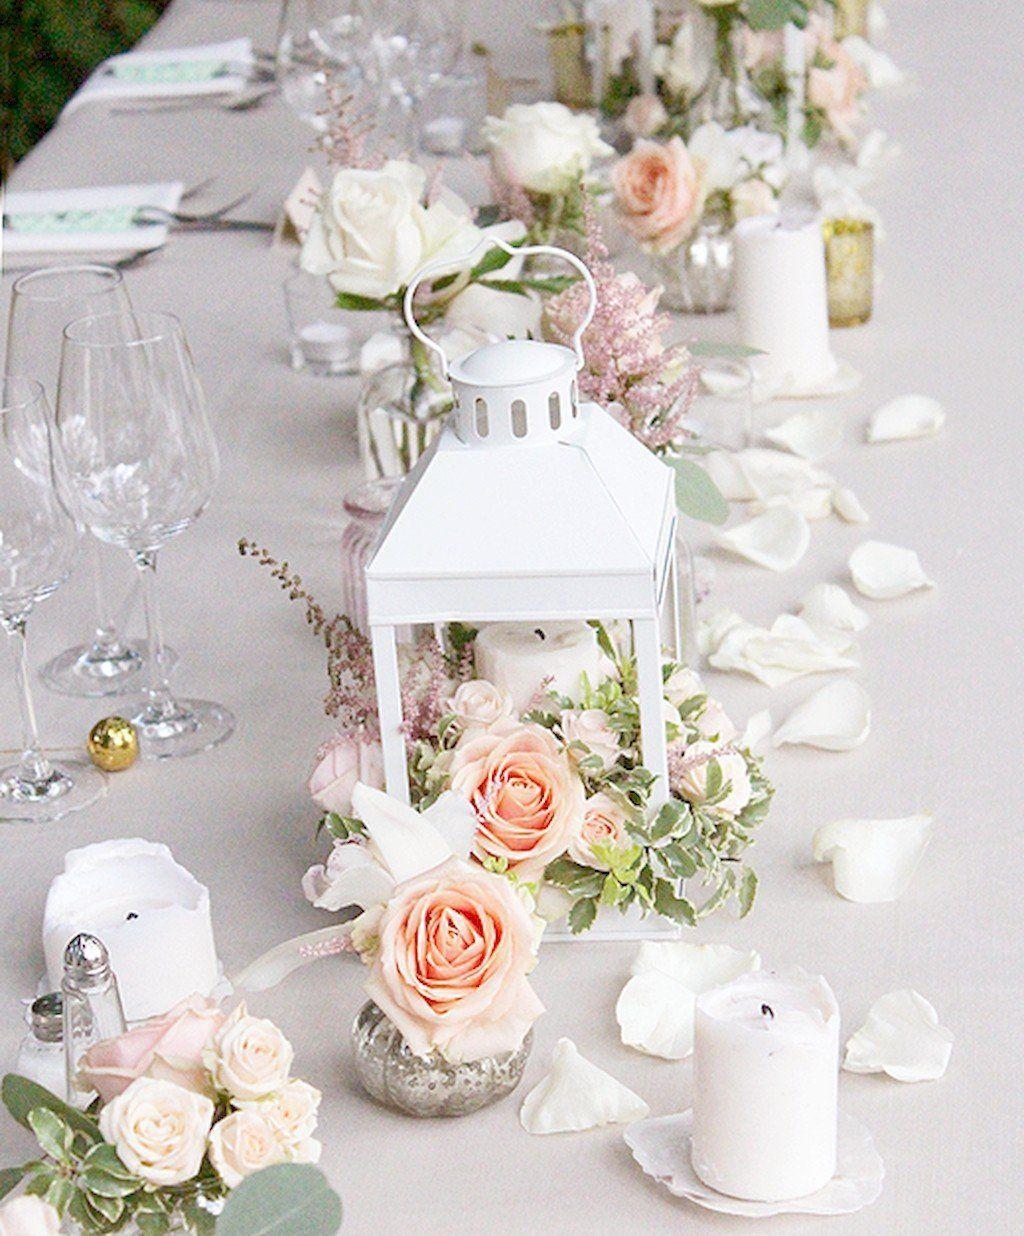 Romantic Wedding Table Centerpieces: 68 Romantic White Flower Centerpiece Decor Ideas